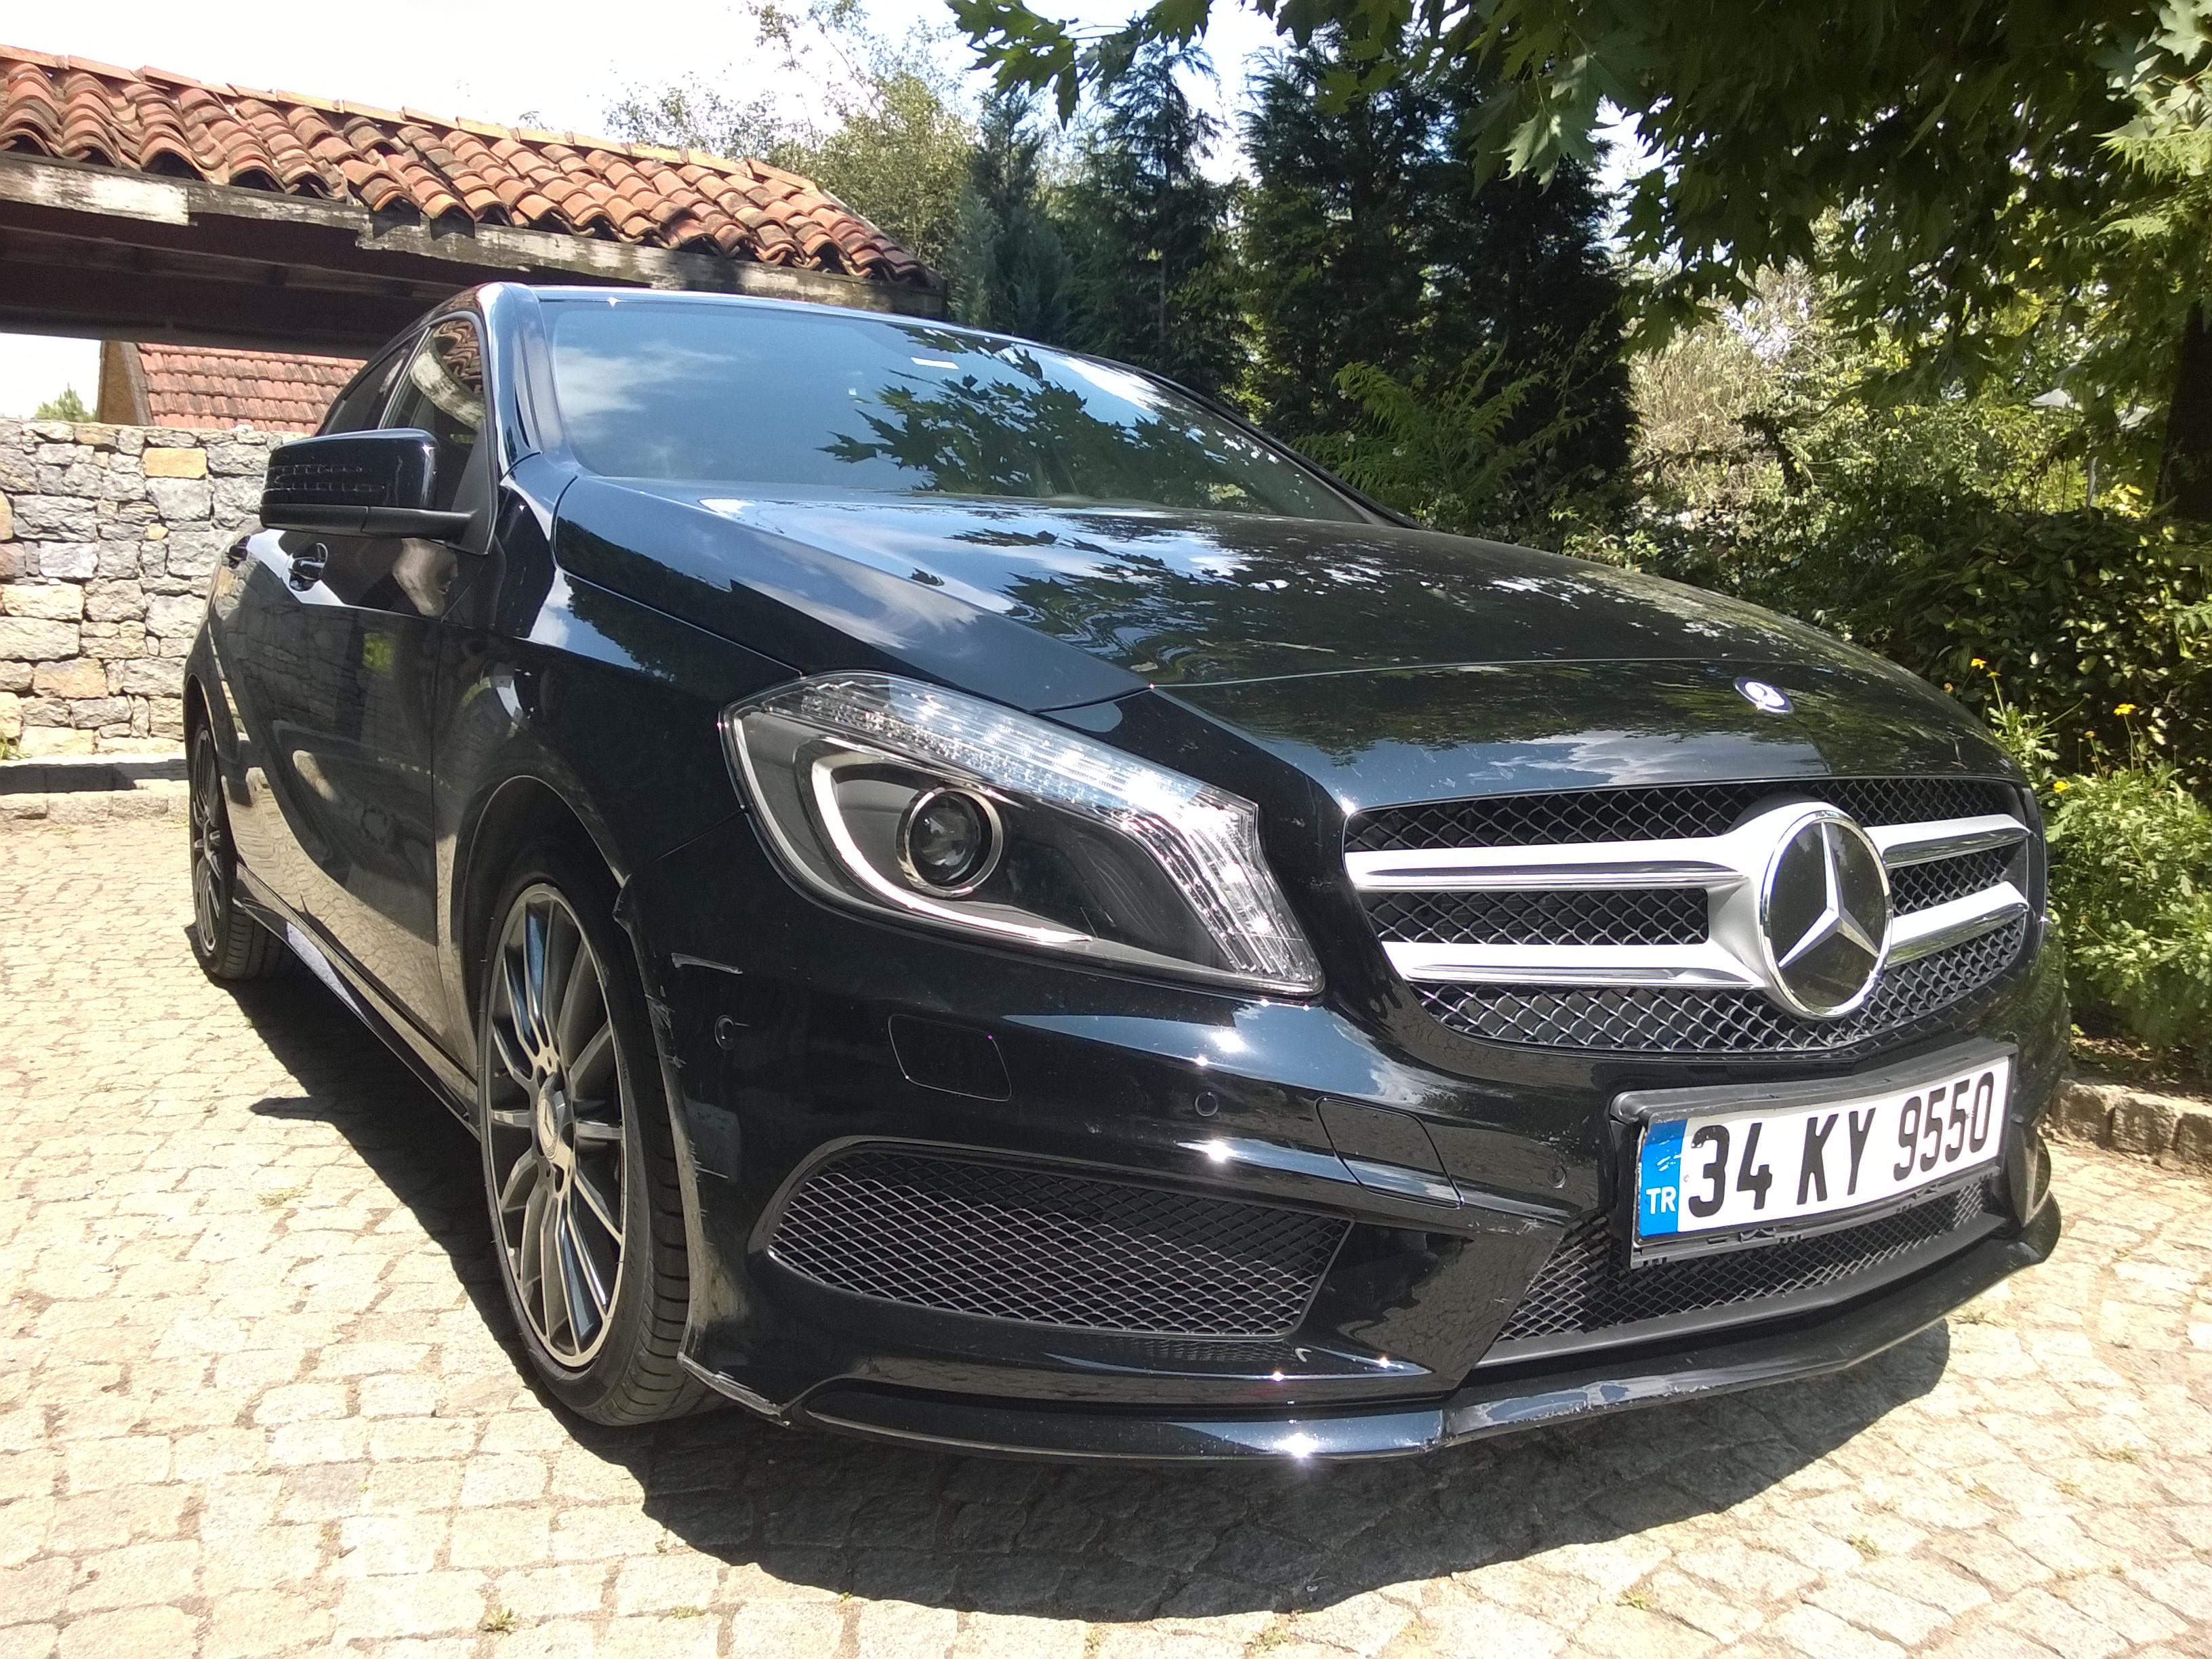 Kurt Postundaki Kuzu Mercedes A180 Cdi Amg W176